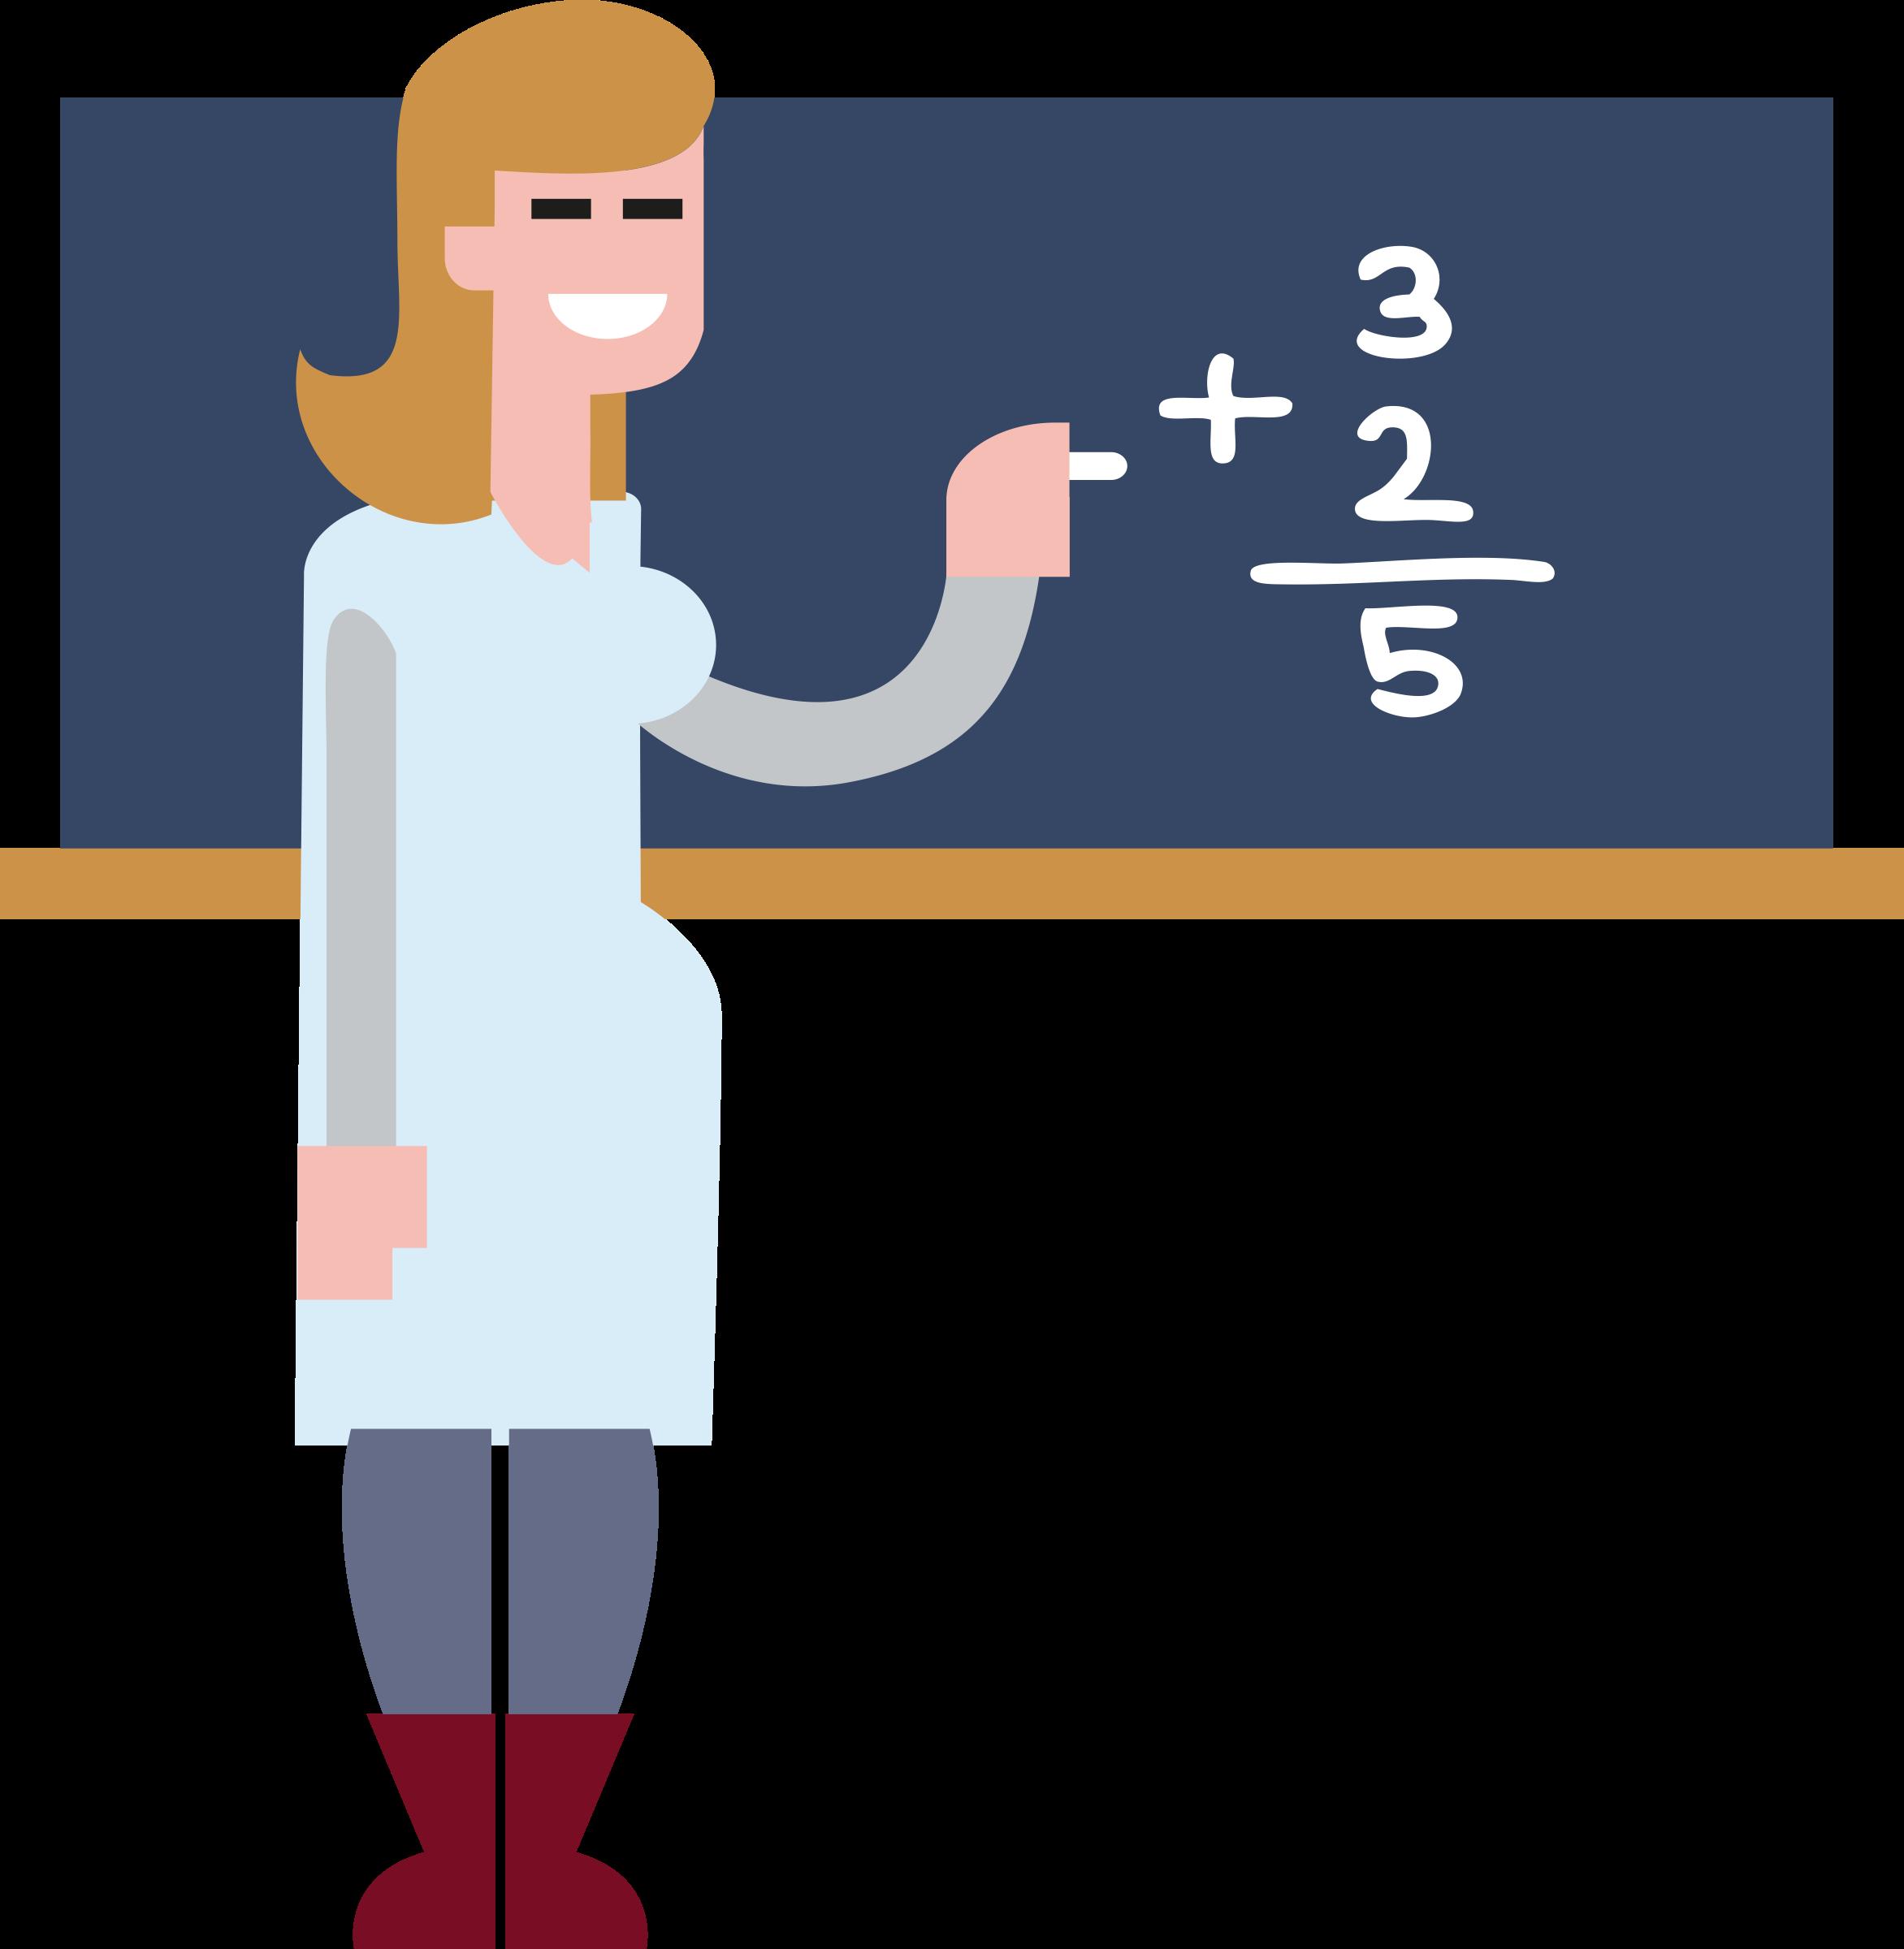 Maths teacher big image. Clipart people math